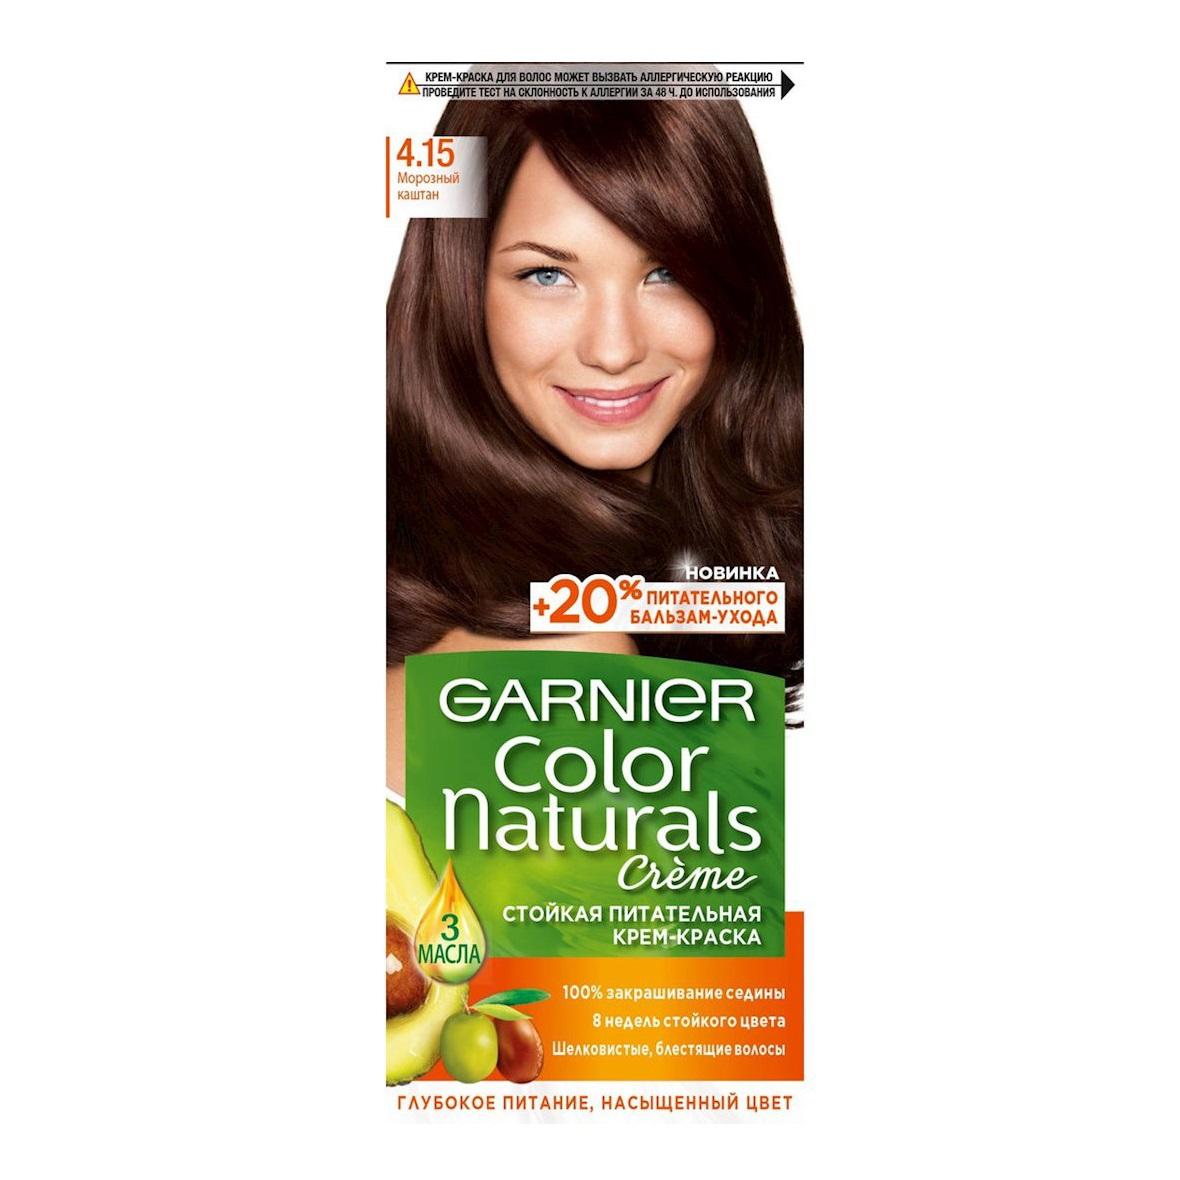 کیت رنگ مو گارنیر سری Color Naturals شماره 4.15